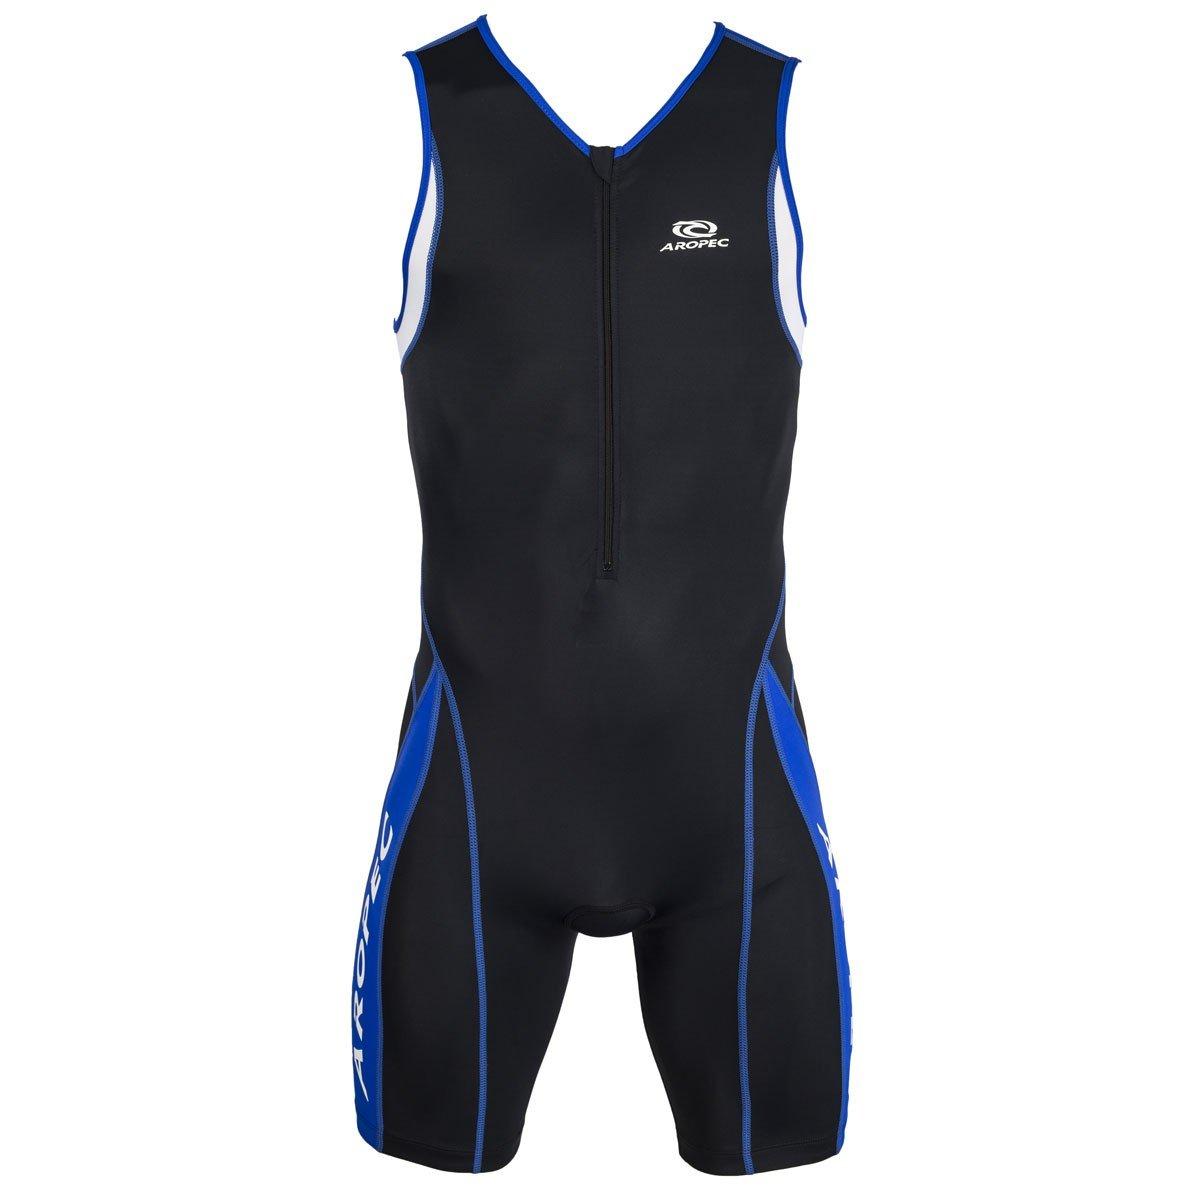 Aropec Triathlon Einteiler Panther Herren - Trisuit Men